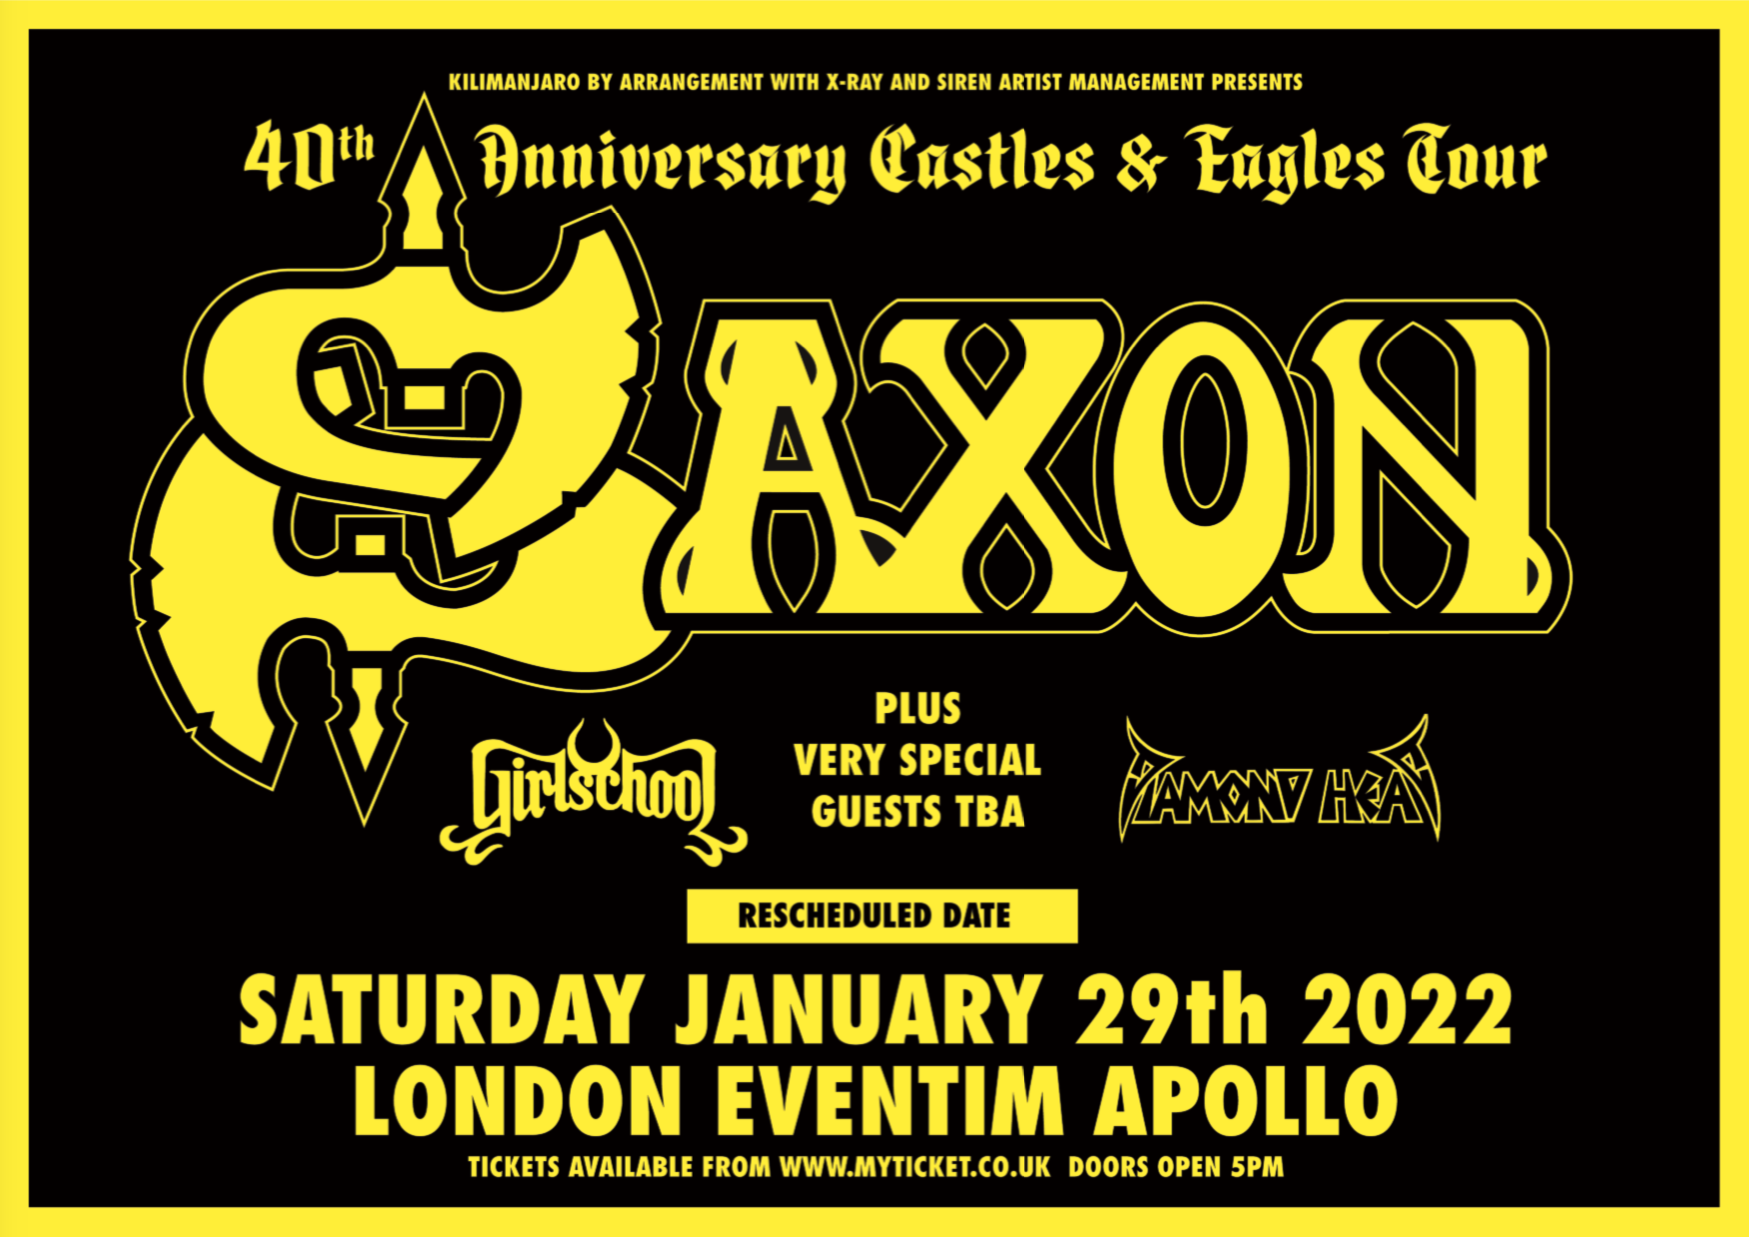 Saxon poster_London22[2][2]